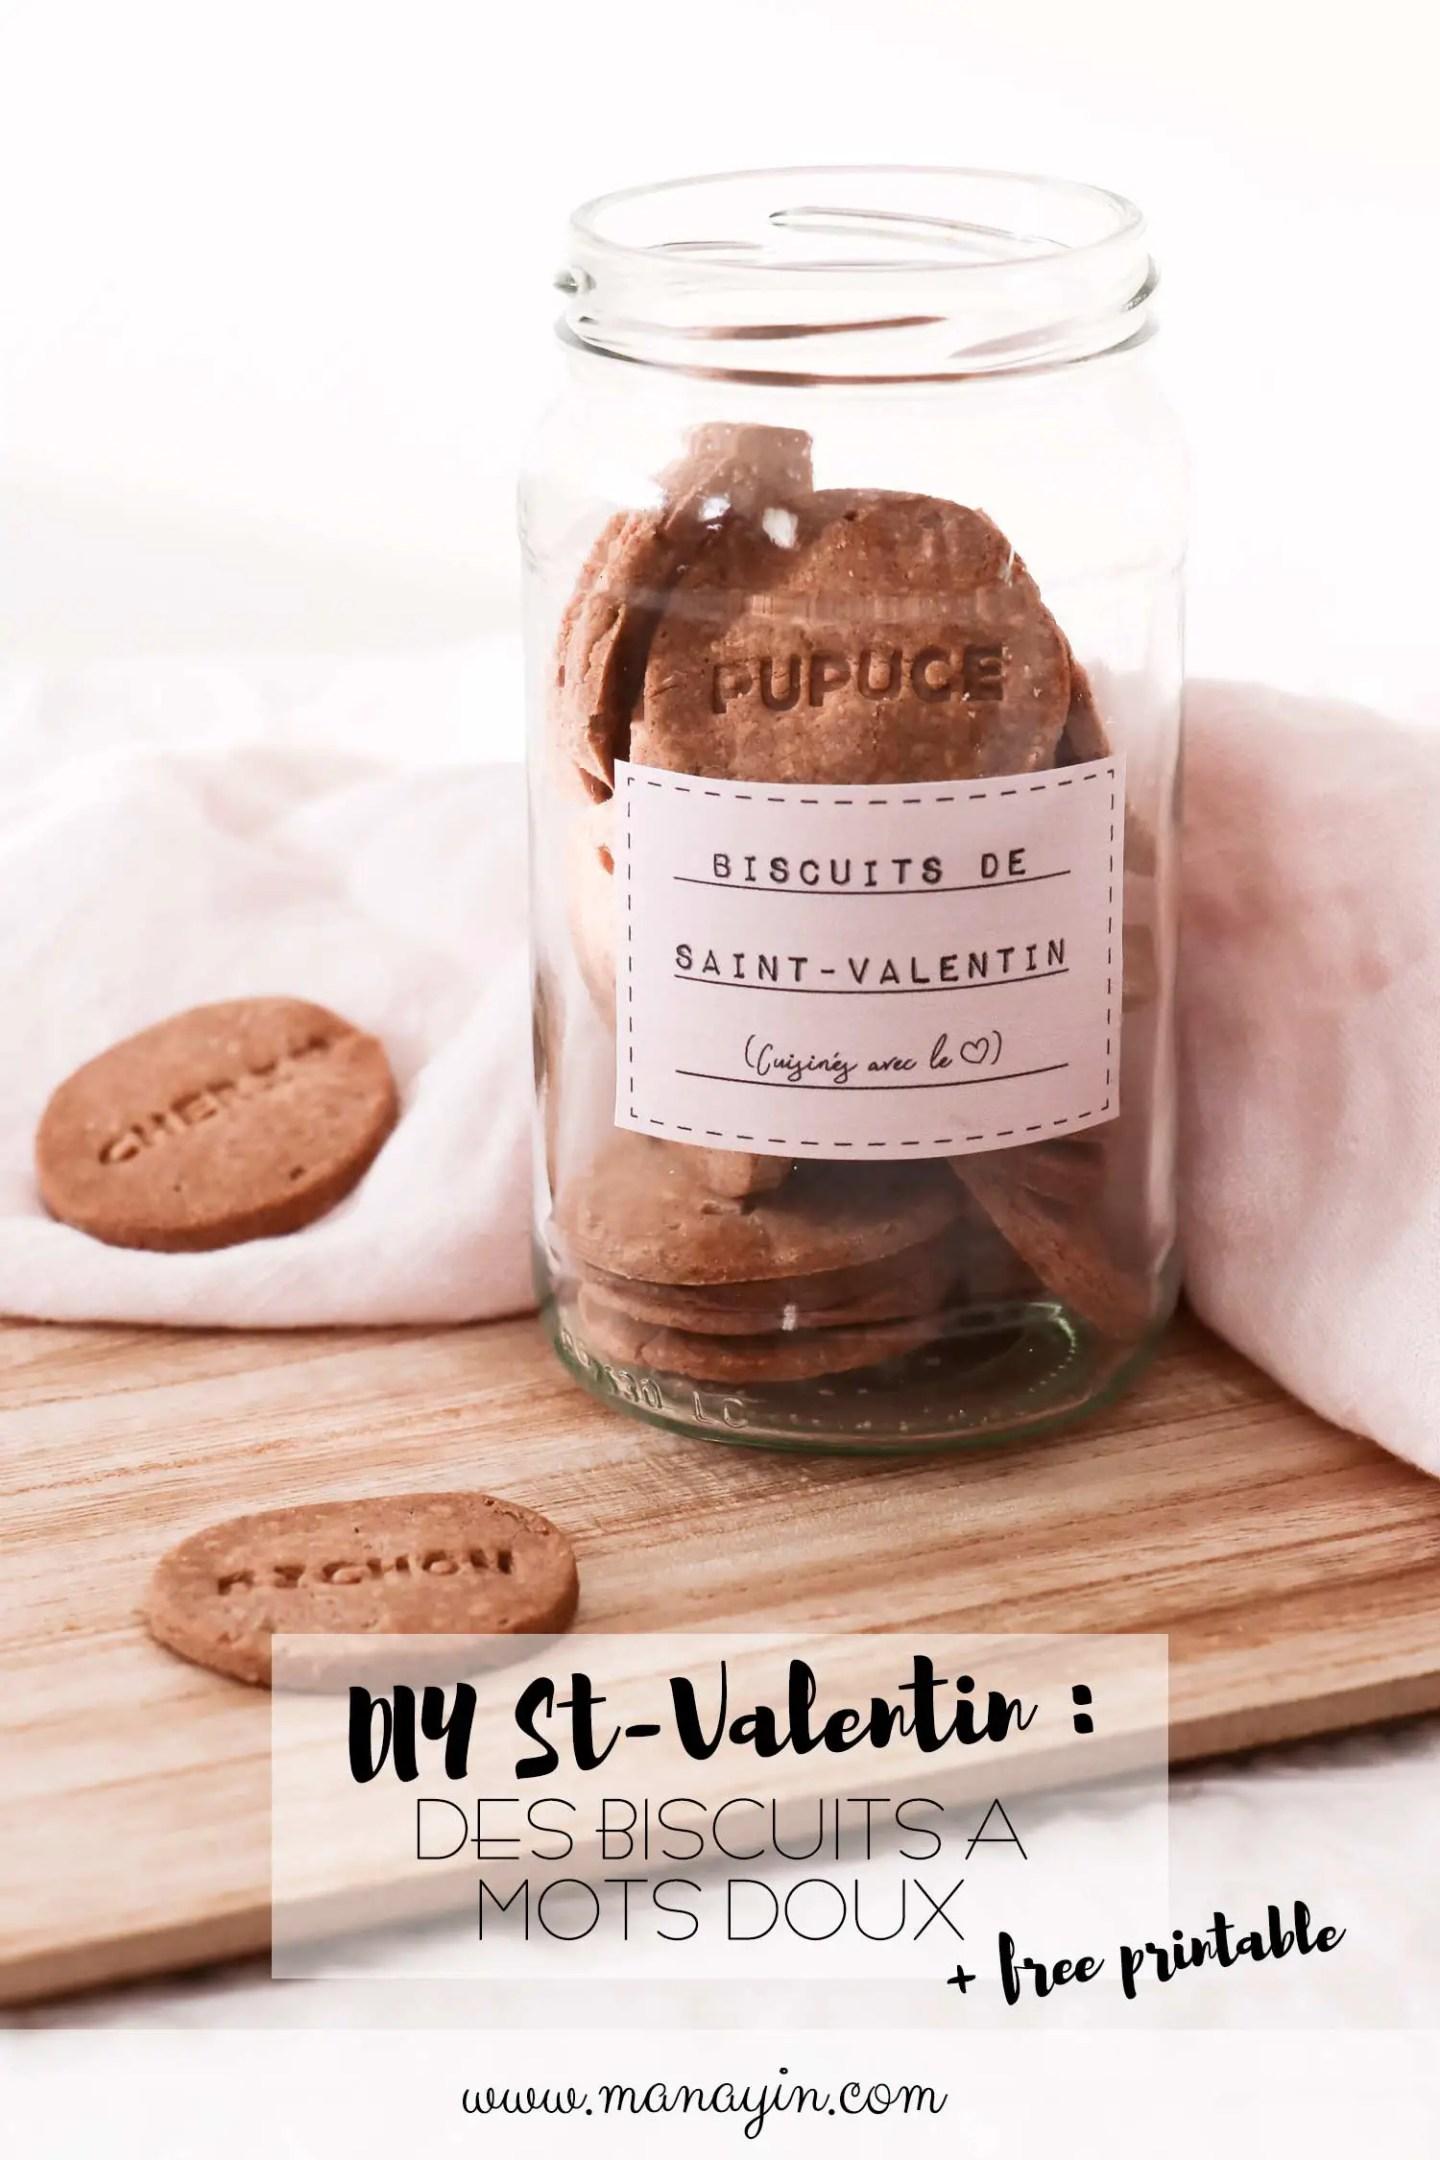 DIY Saint-Valentin biscuits